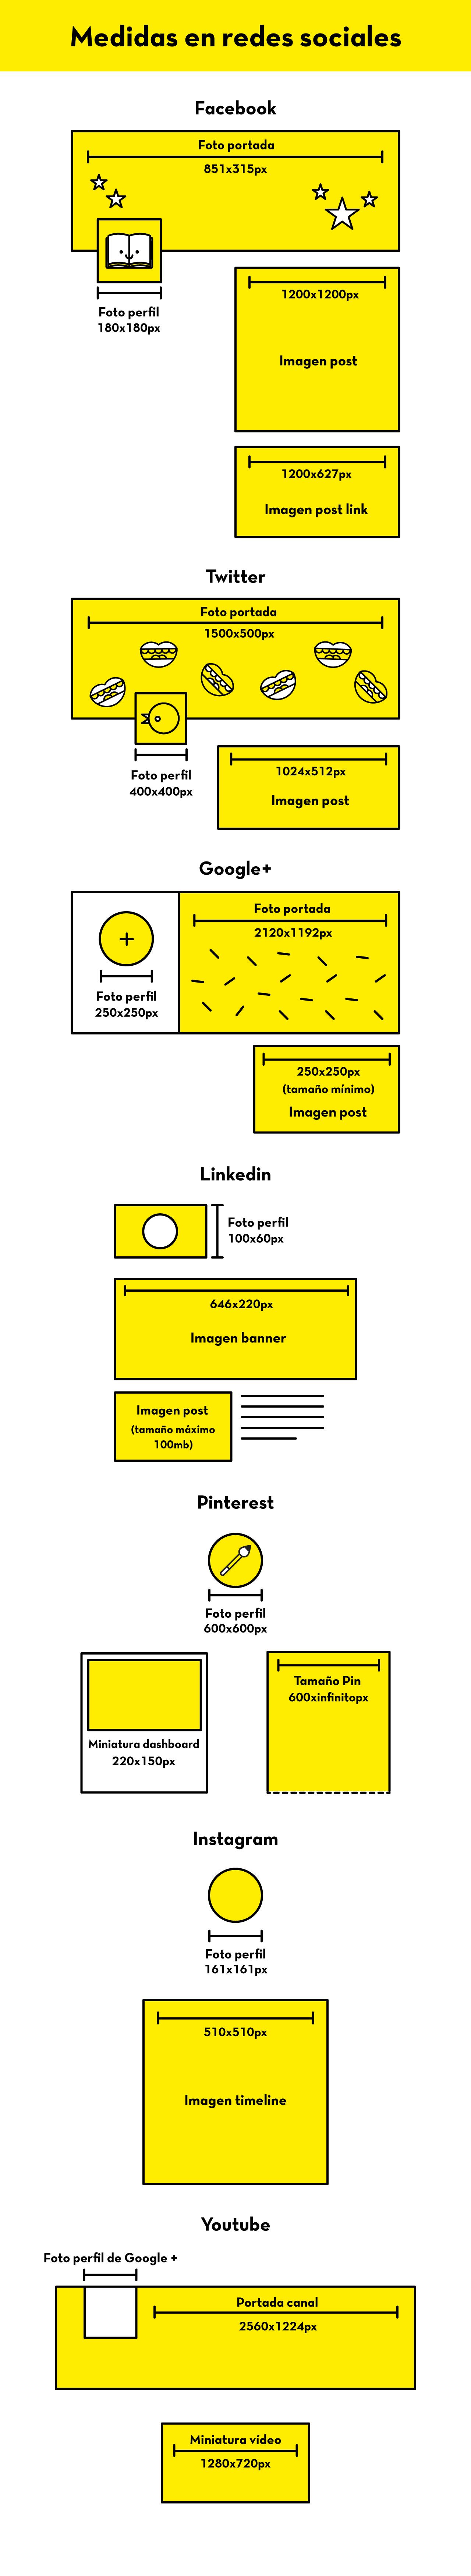 medidas_redes_sociales